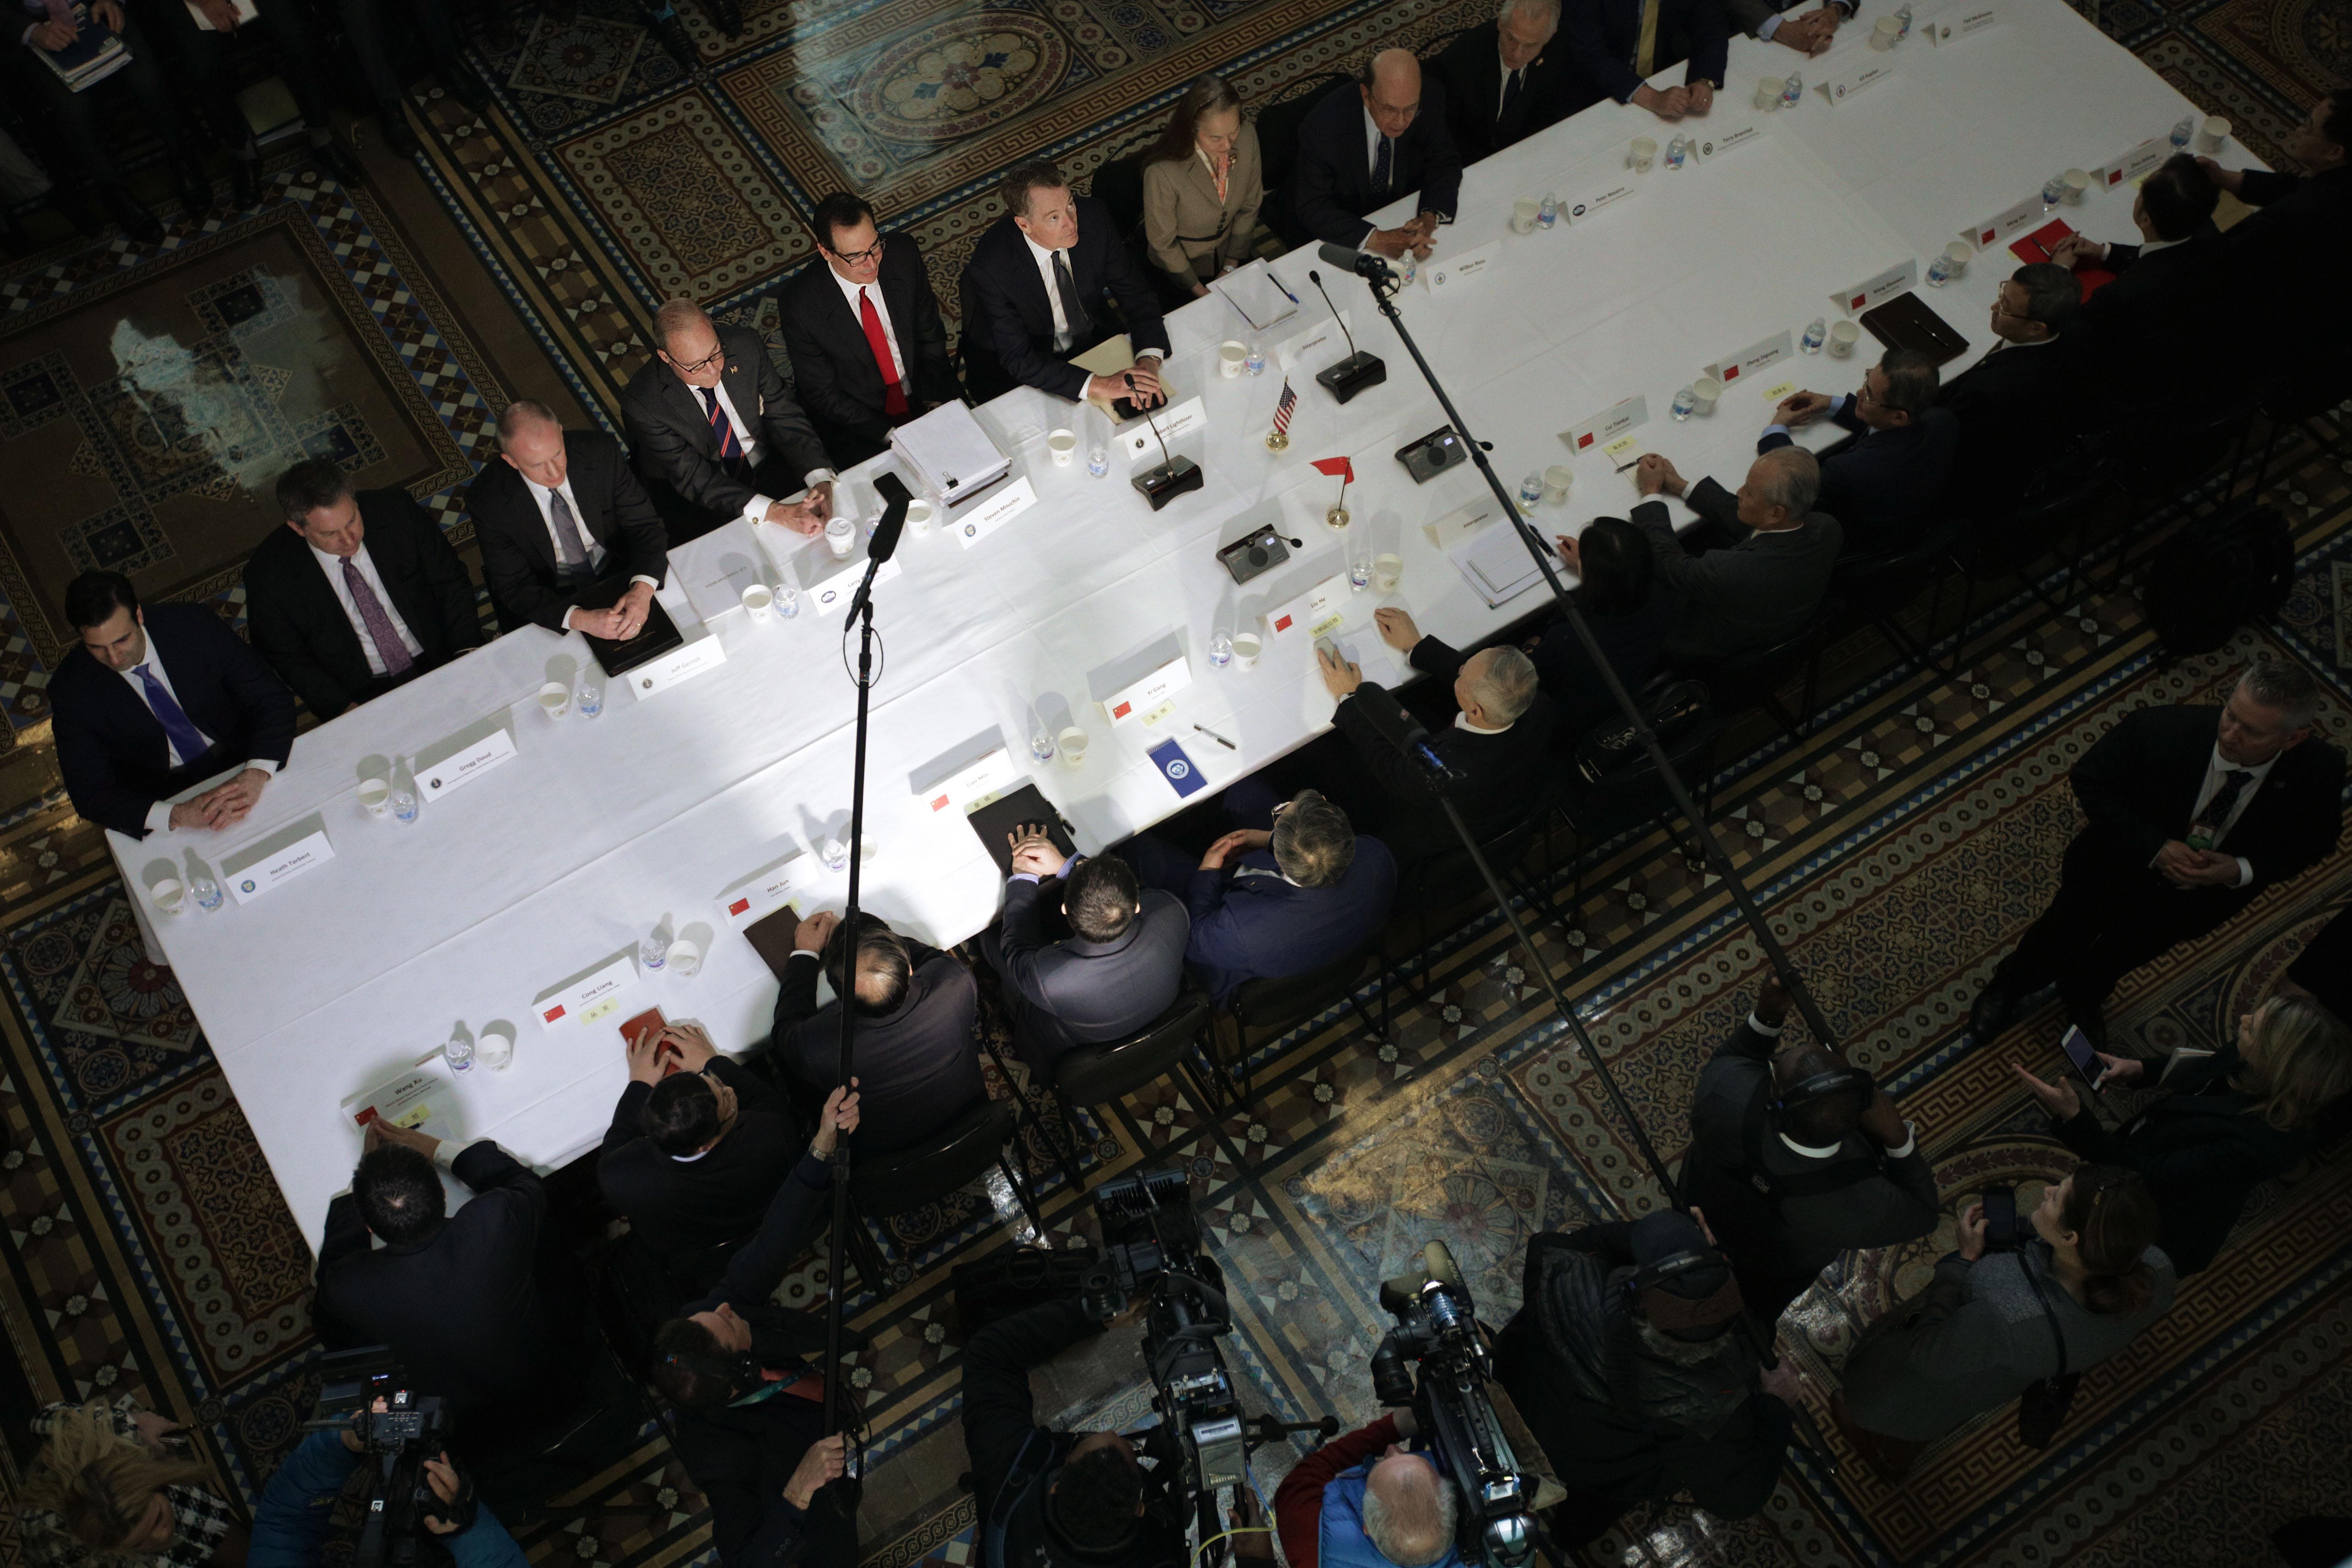 中方讓步是真是假 傳特朗普與幕僚開會協商